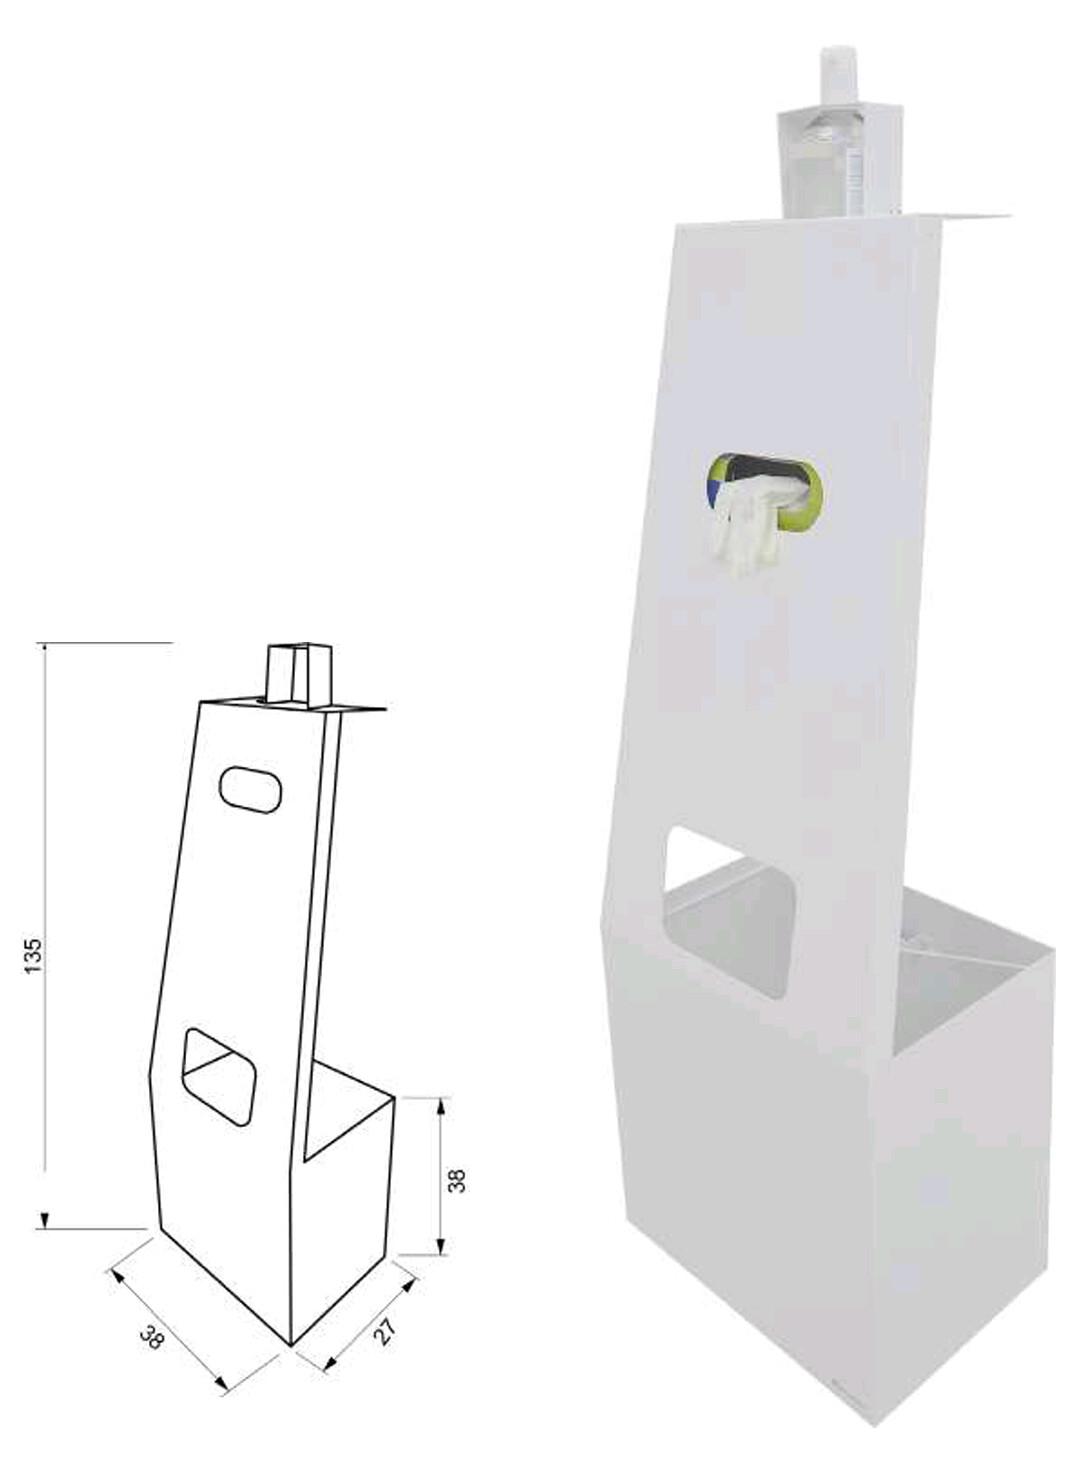 Dispensador de gel, guantes y papelera. Medidas: 135 x 38 x 27cm.